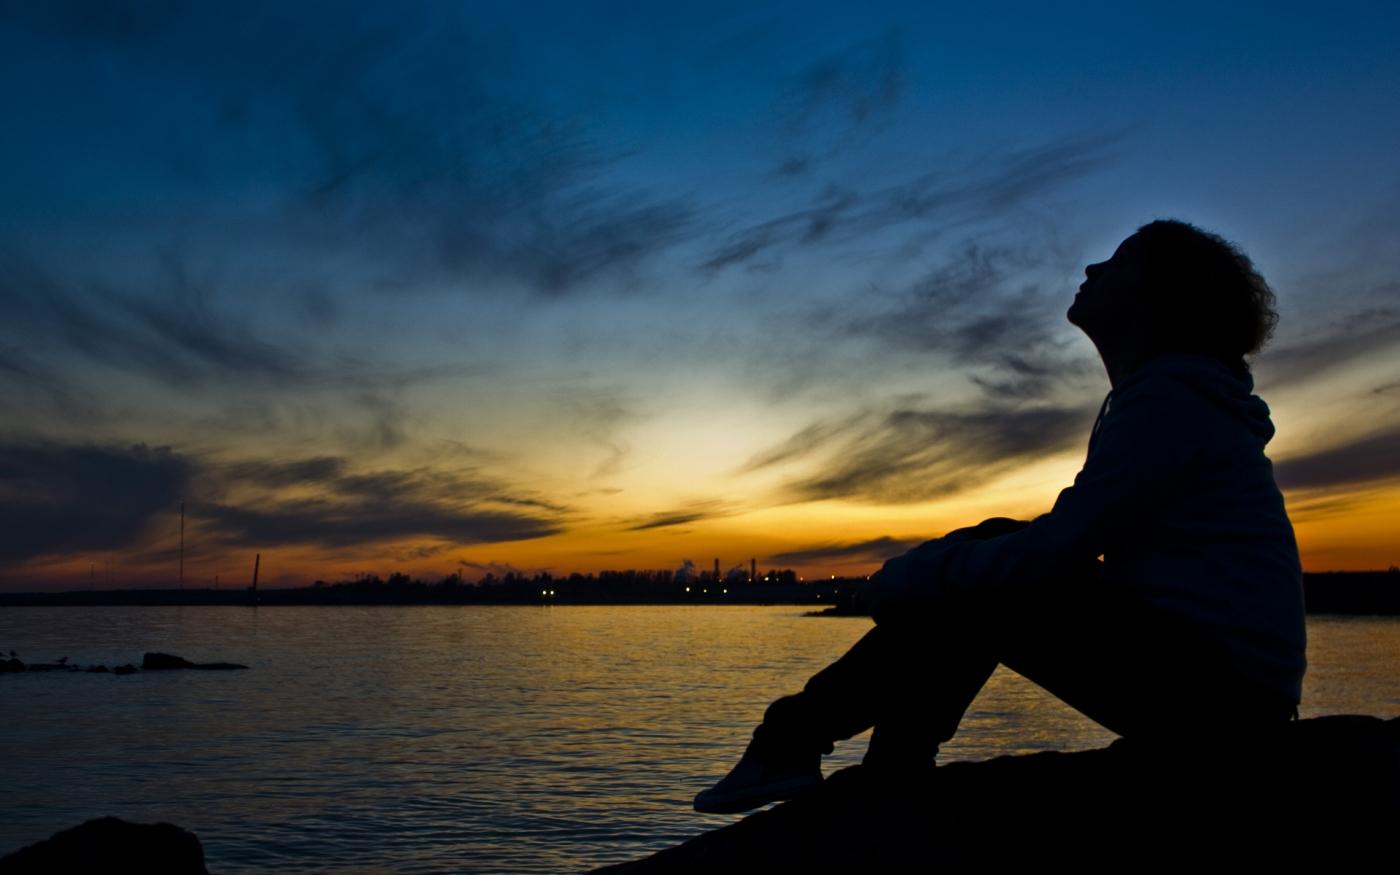 黄昏里,一个人的悲伤_图1-1